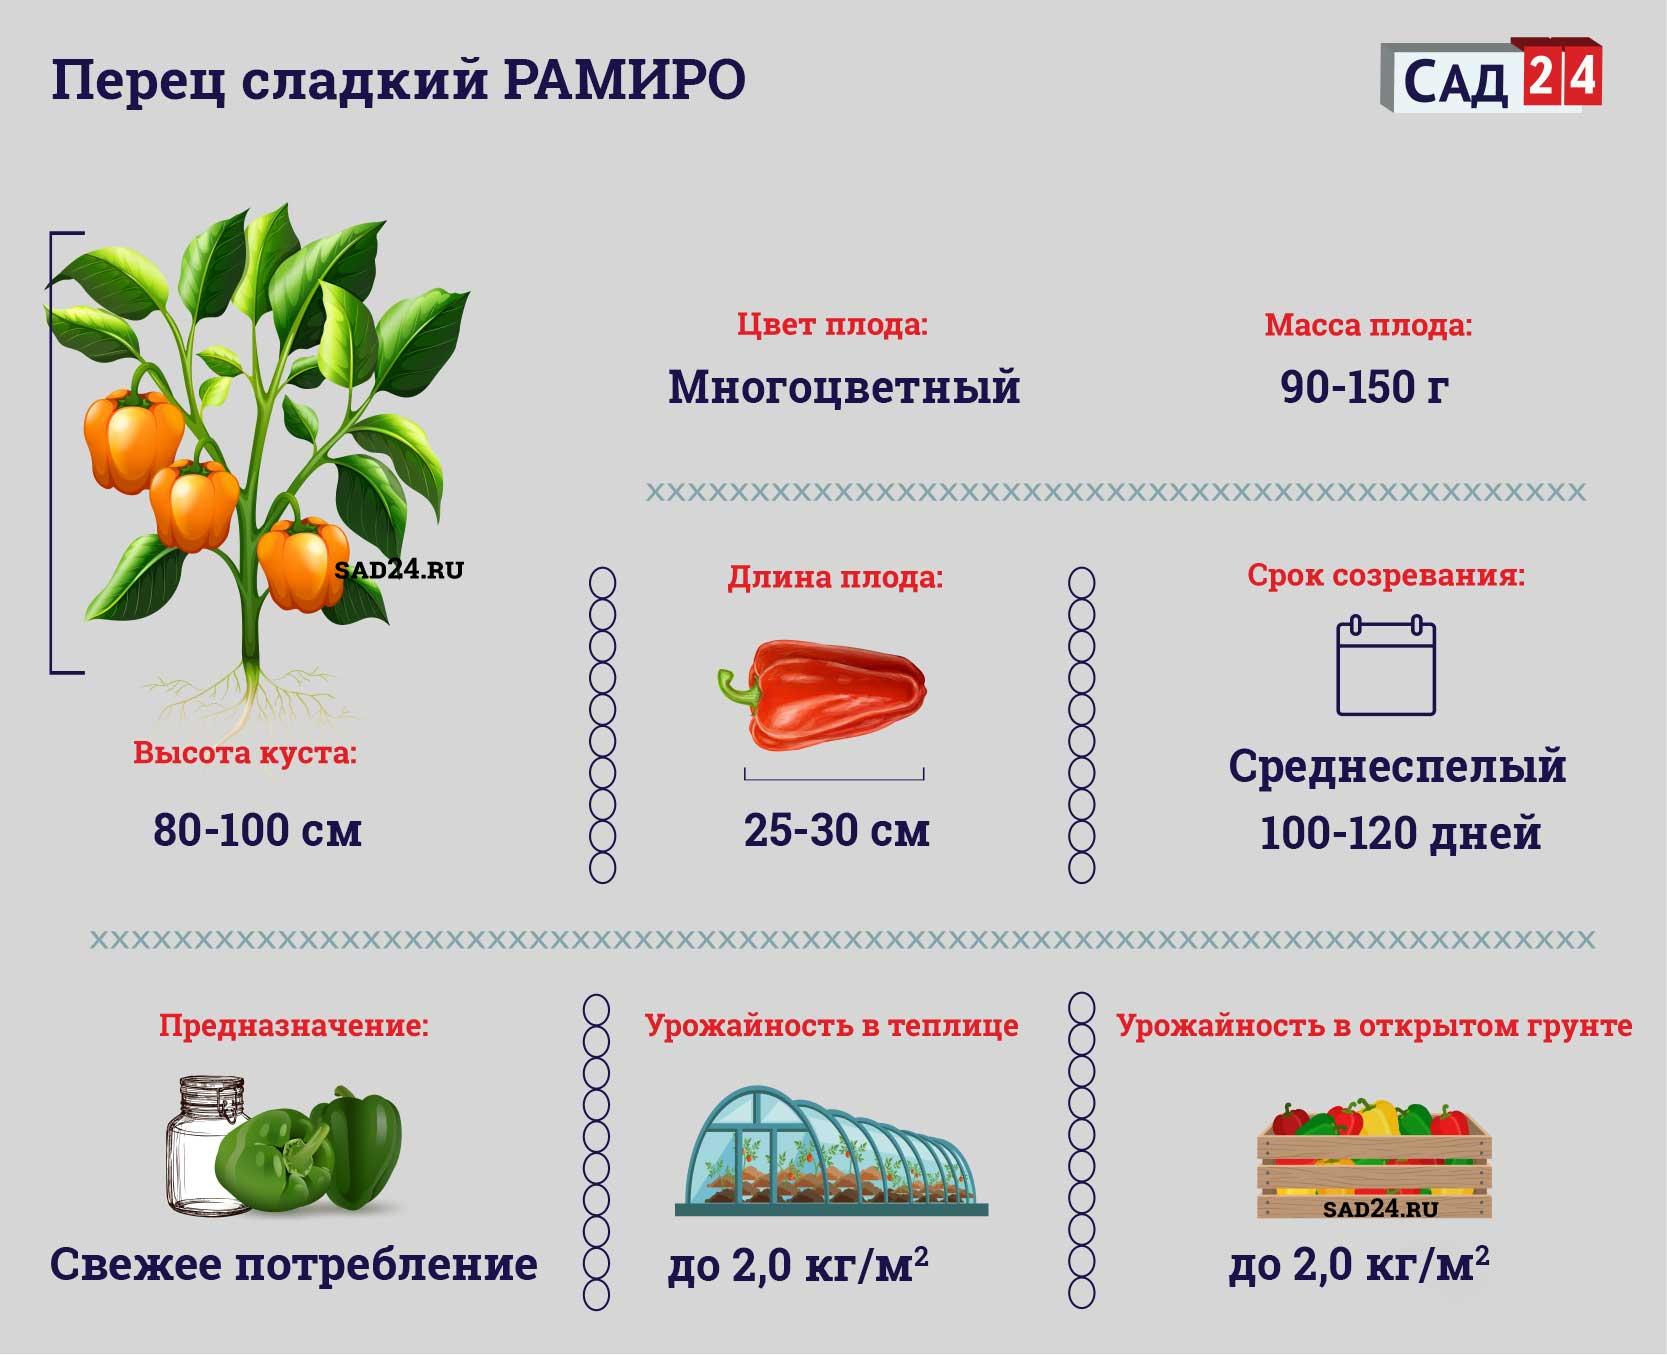 Рамиро https://sad24.ru/